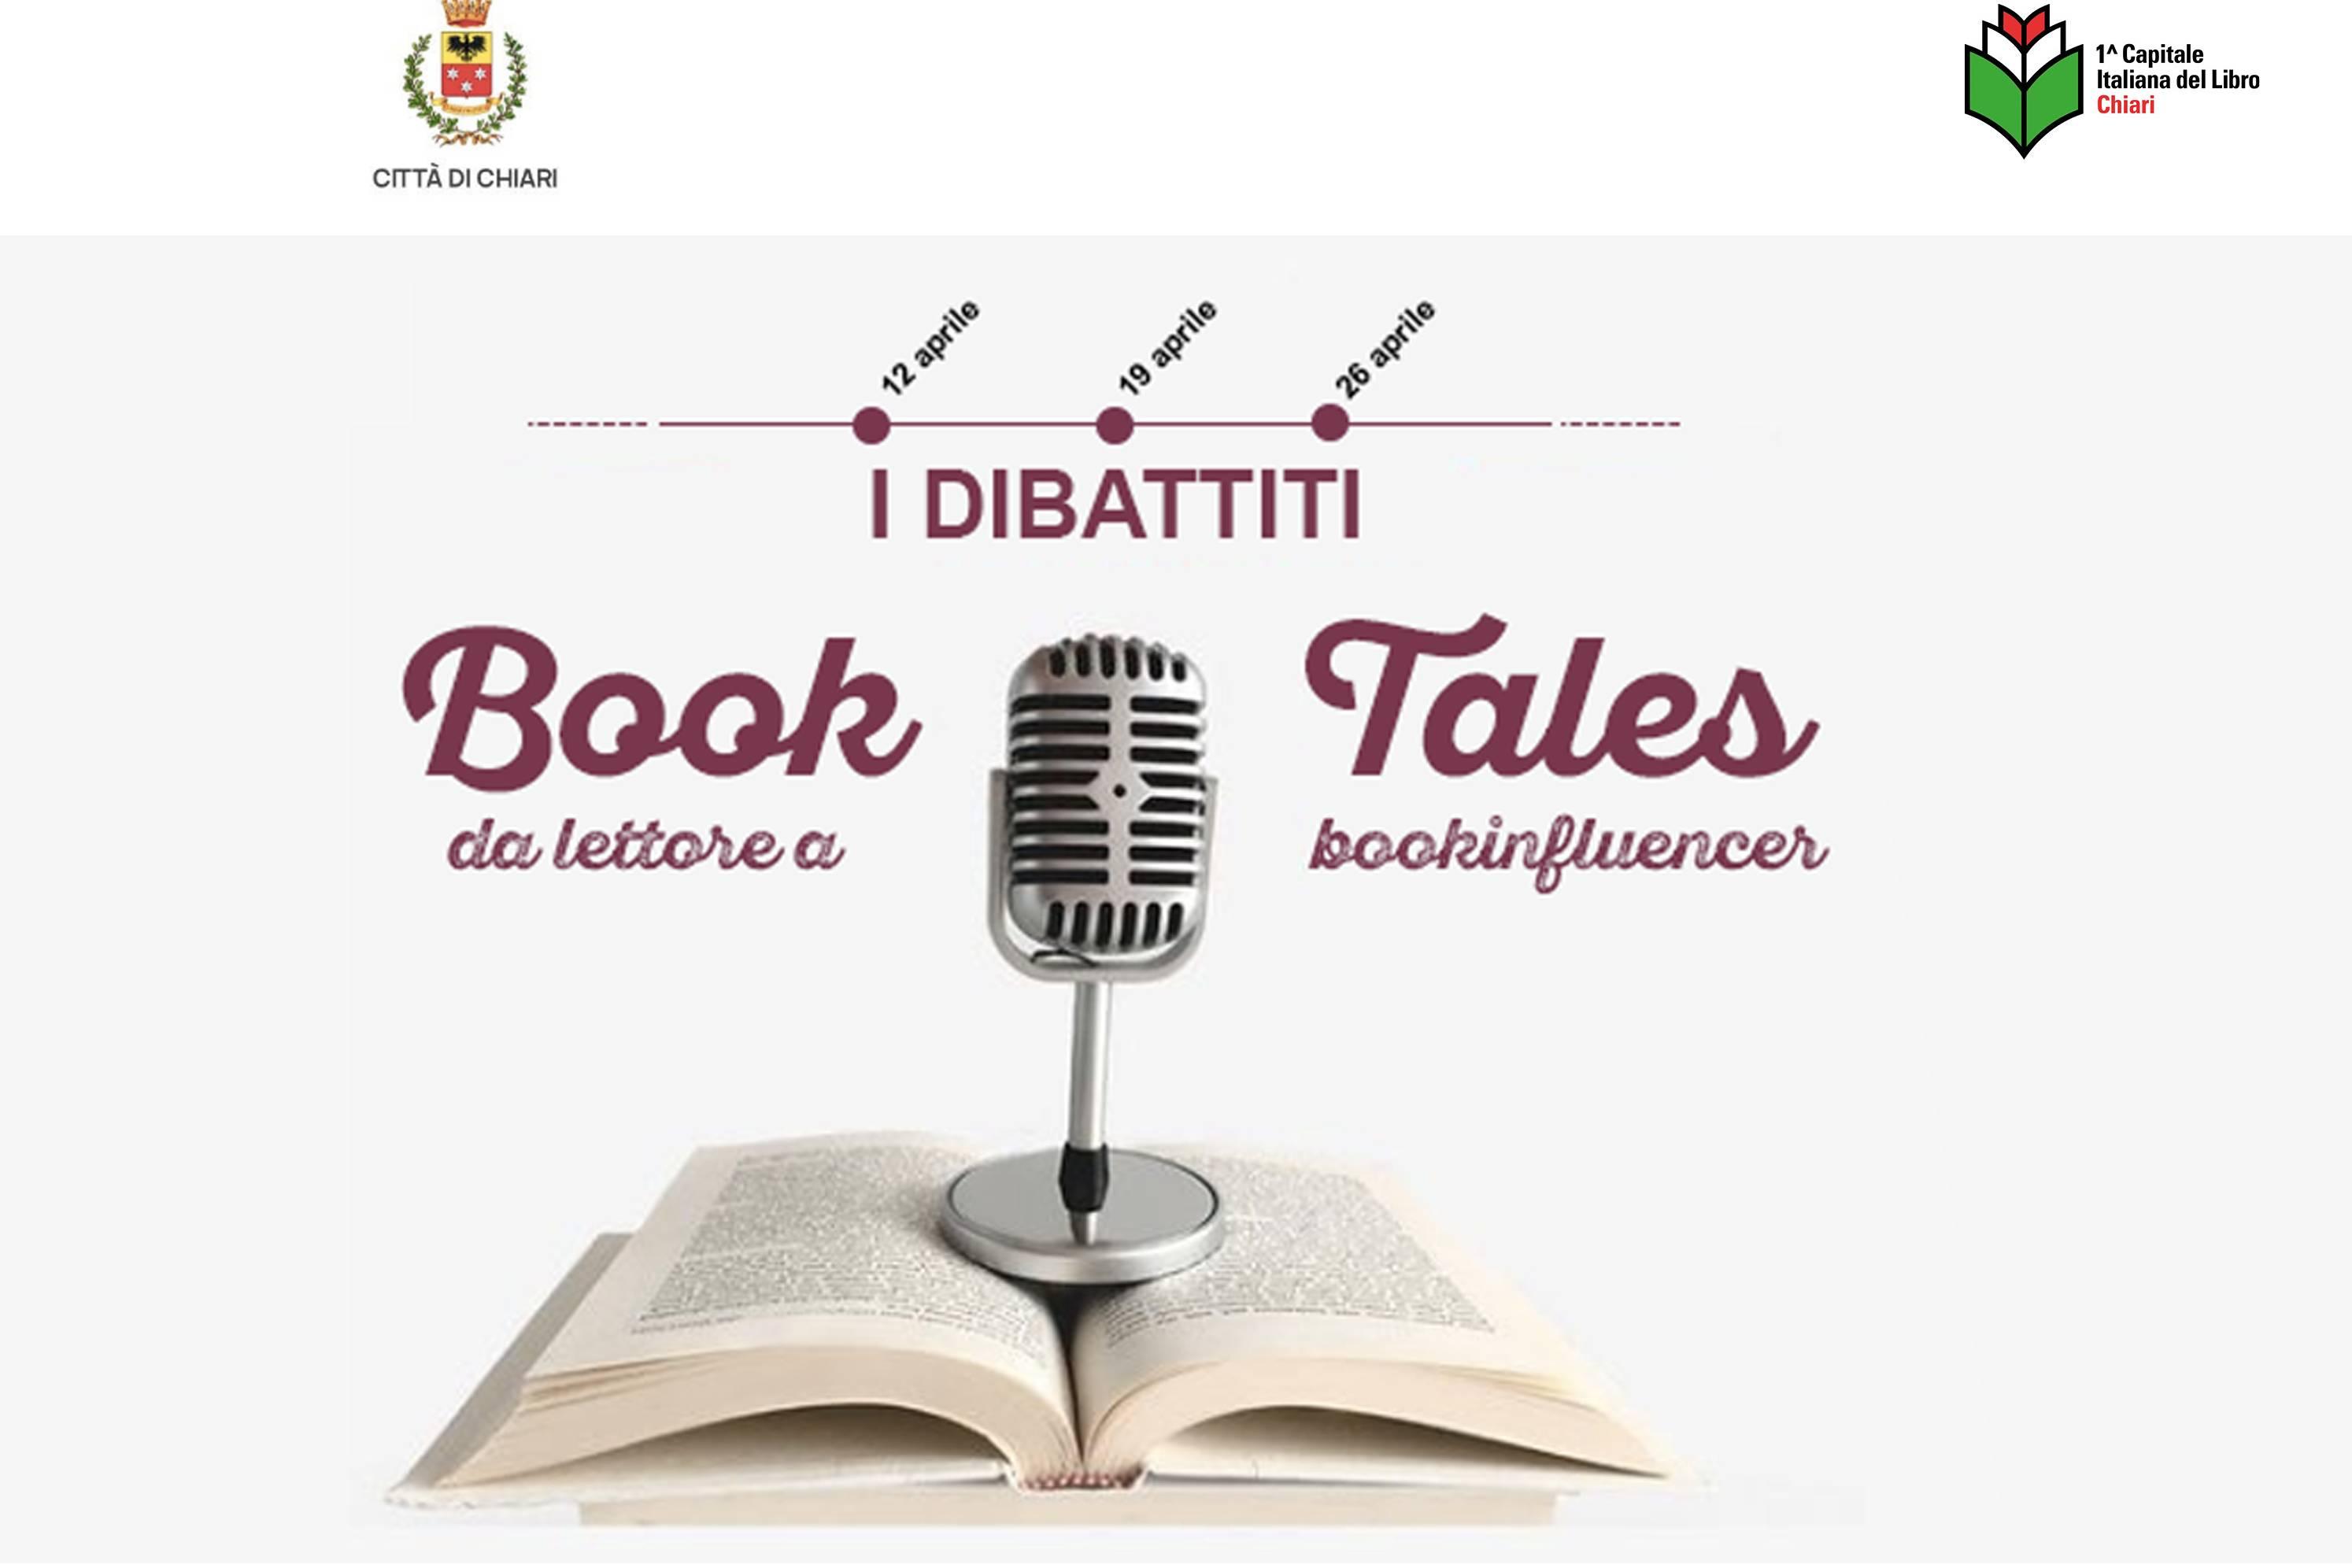 Banner-Dibattiti-Corretto-Ministero